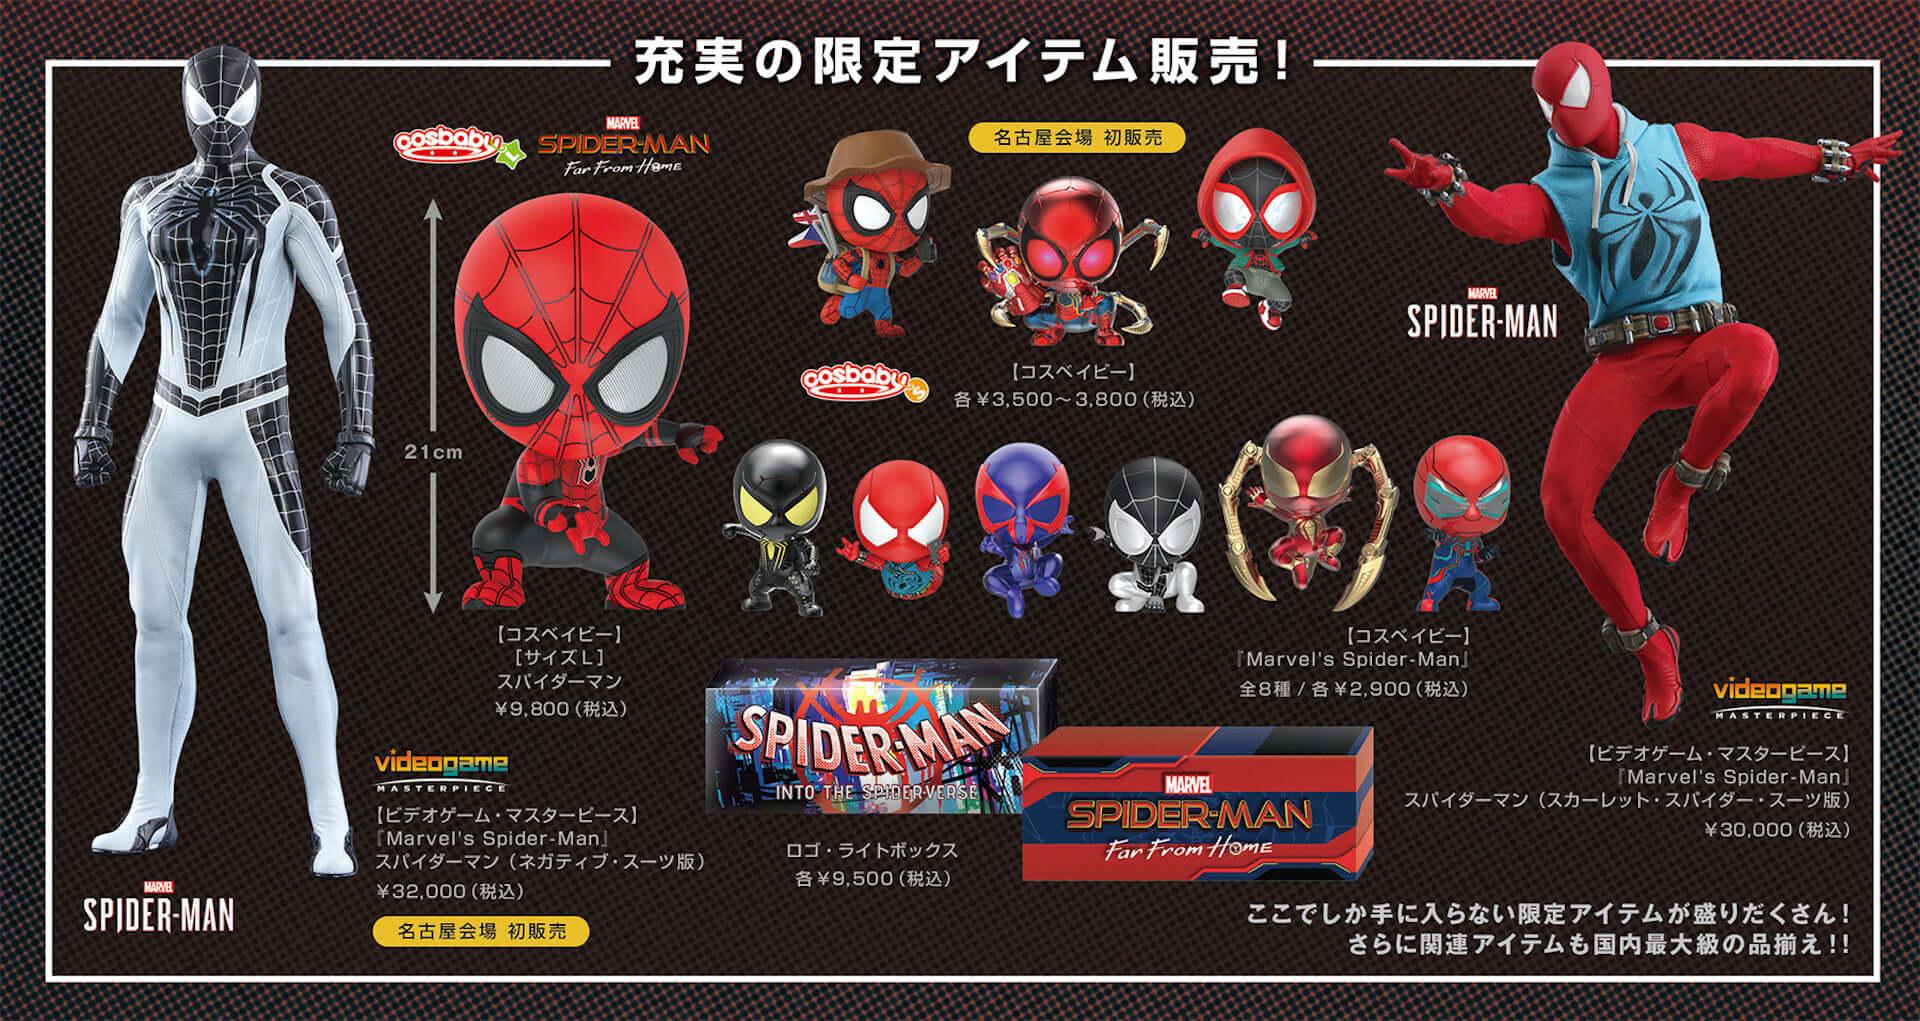 『スパイダーマン』撮影に使用された衣装が来日!トイサピエンス名古屋にて入場無料の体験型イベントがオープン art200330_hottoys_spiderman_4-1920x1021